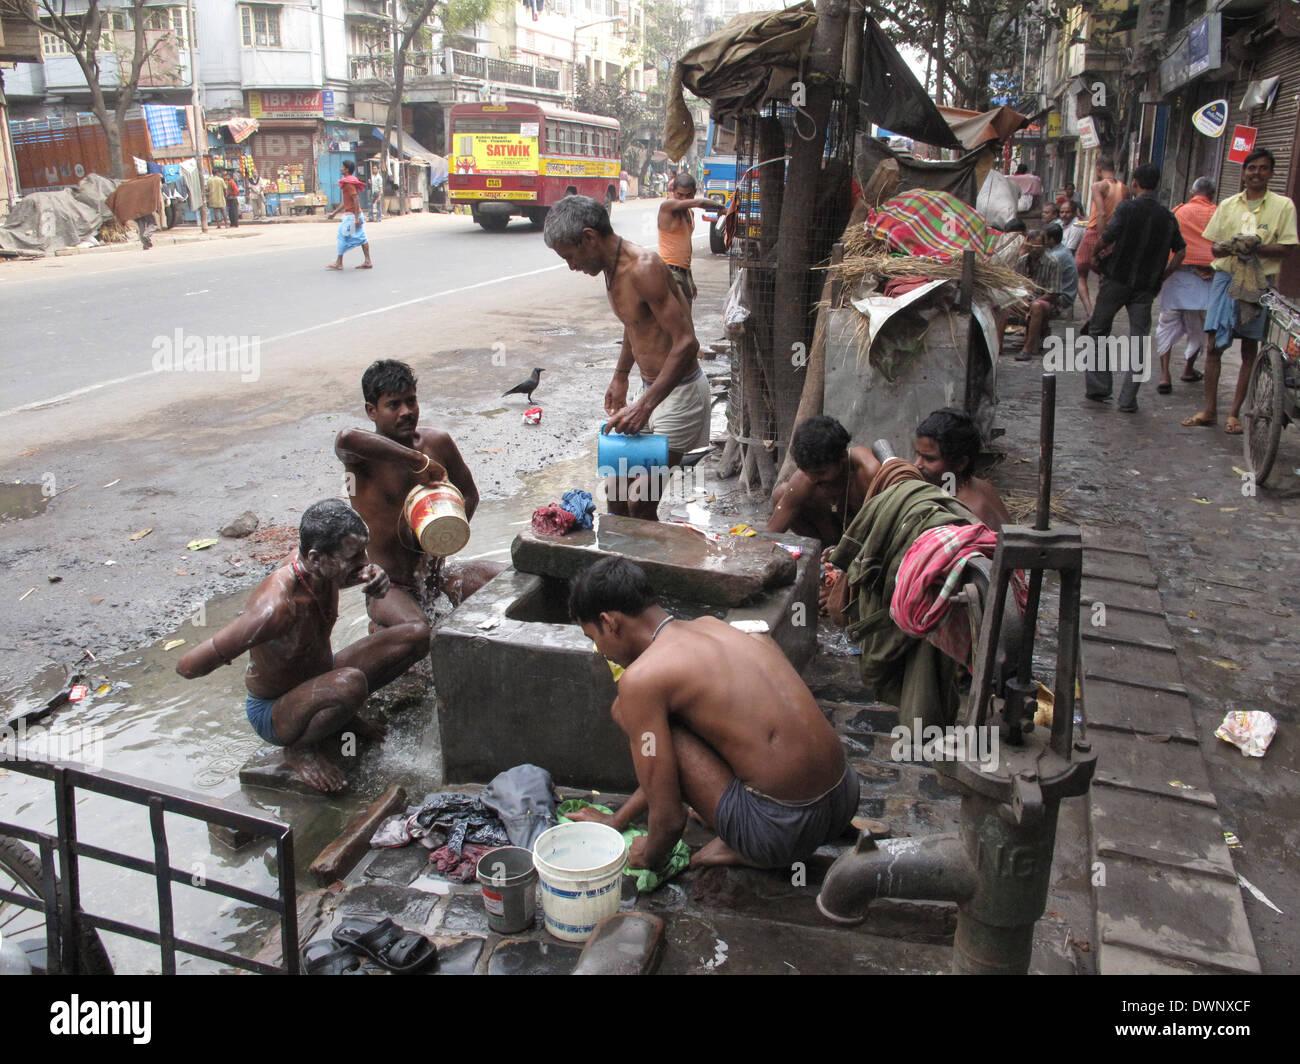 KOLKATA, India -25 de enero: calles de Calcuta. Pueblo Indio lavarse en una calle , 25 de enero de 2009. Imagen De Stock